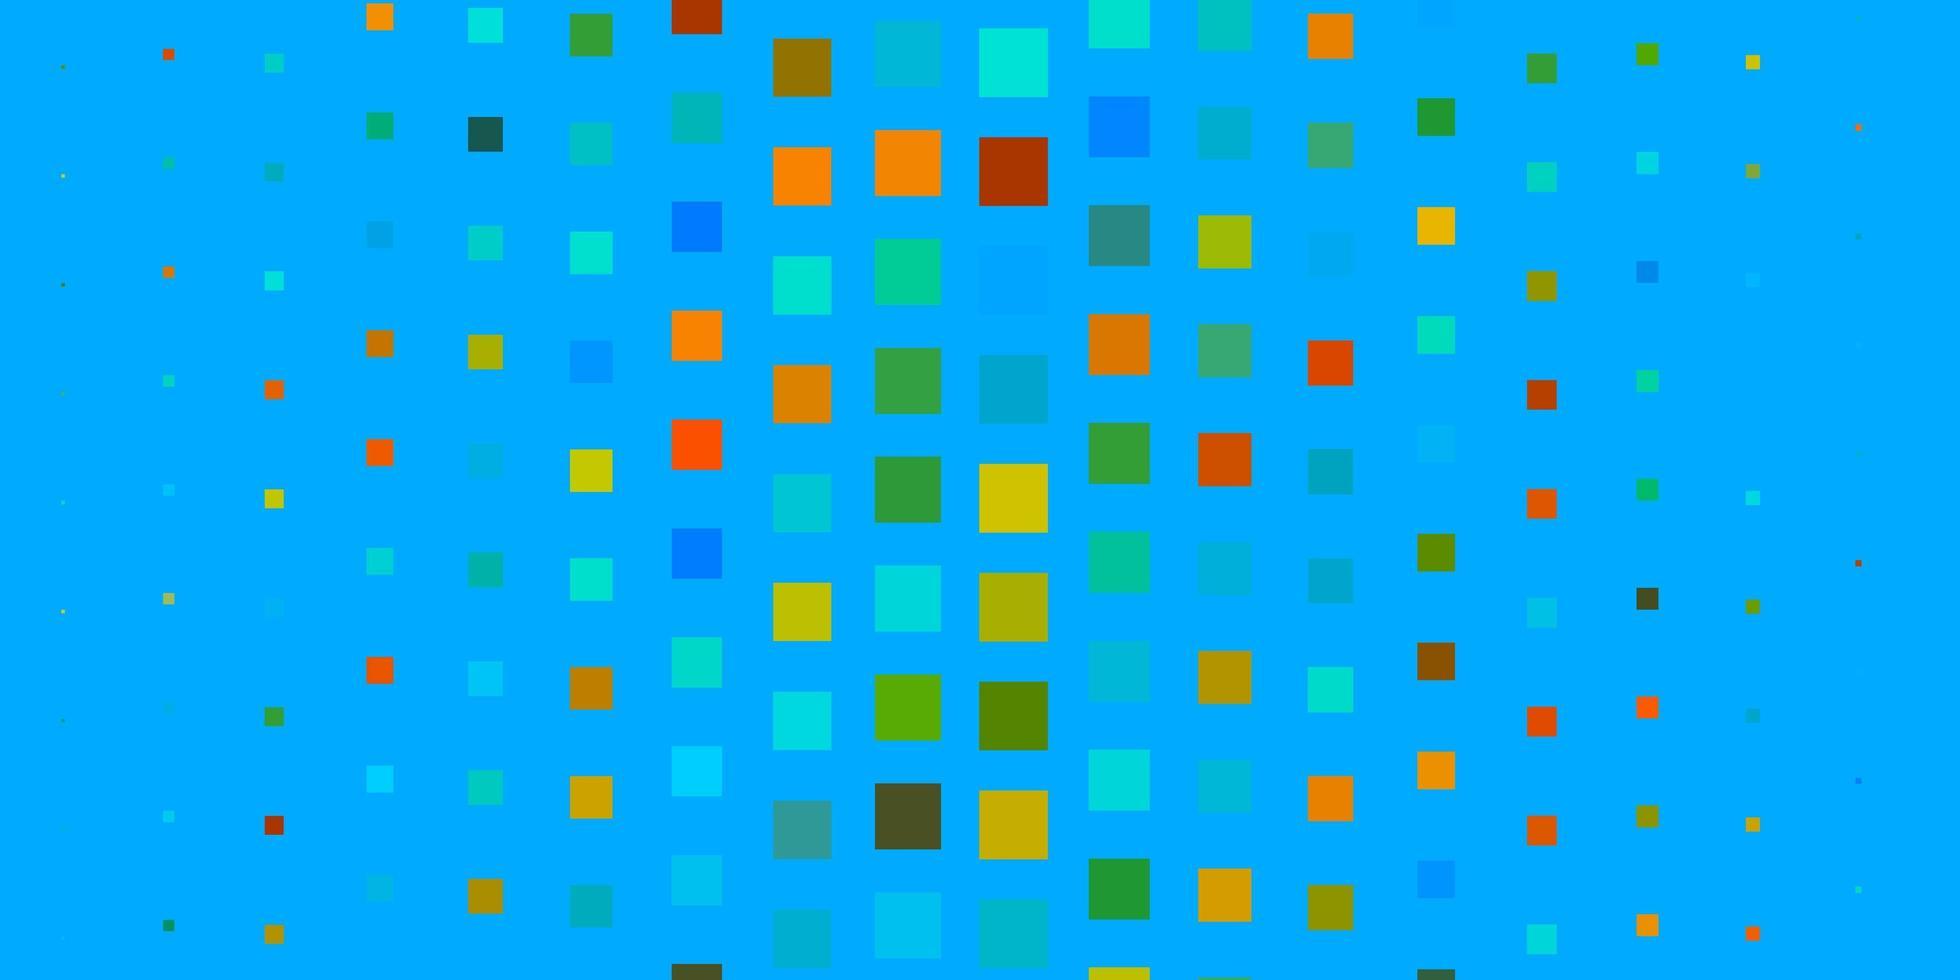 hellblaue, gelbe Vektortextur im rechteckigen Stil. vektor